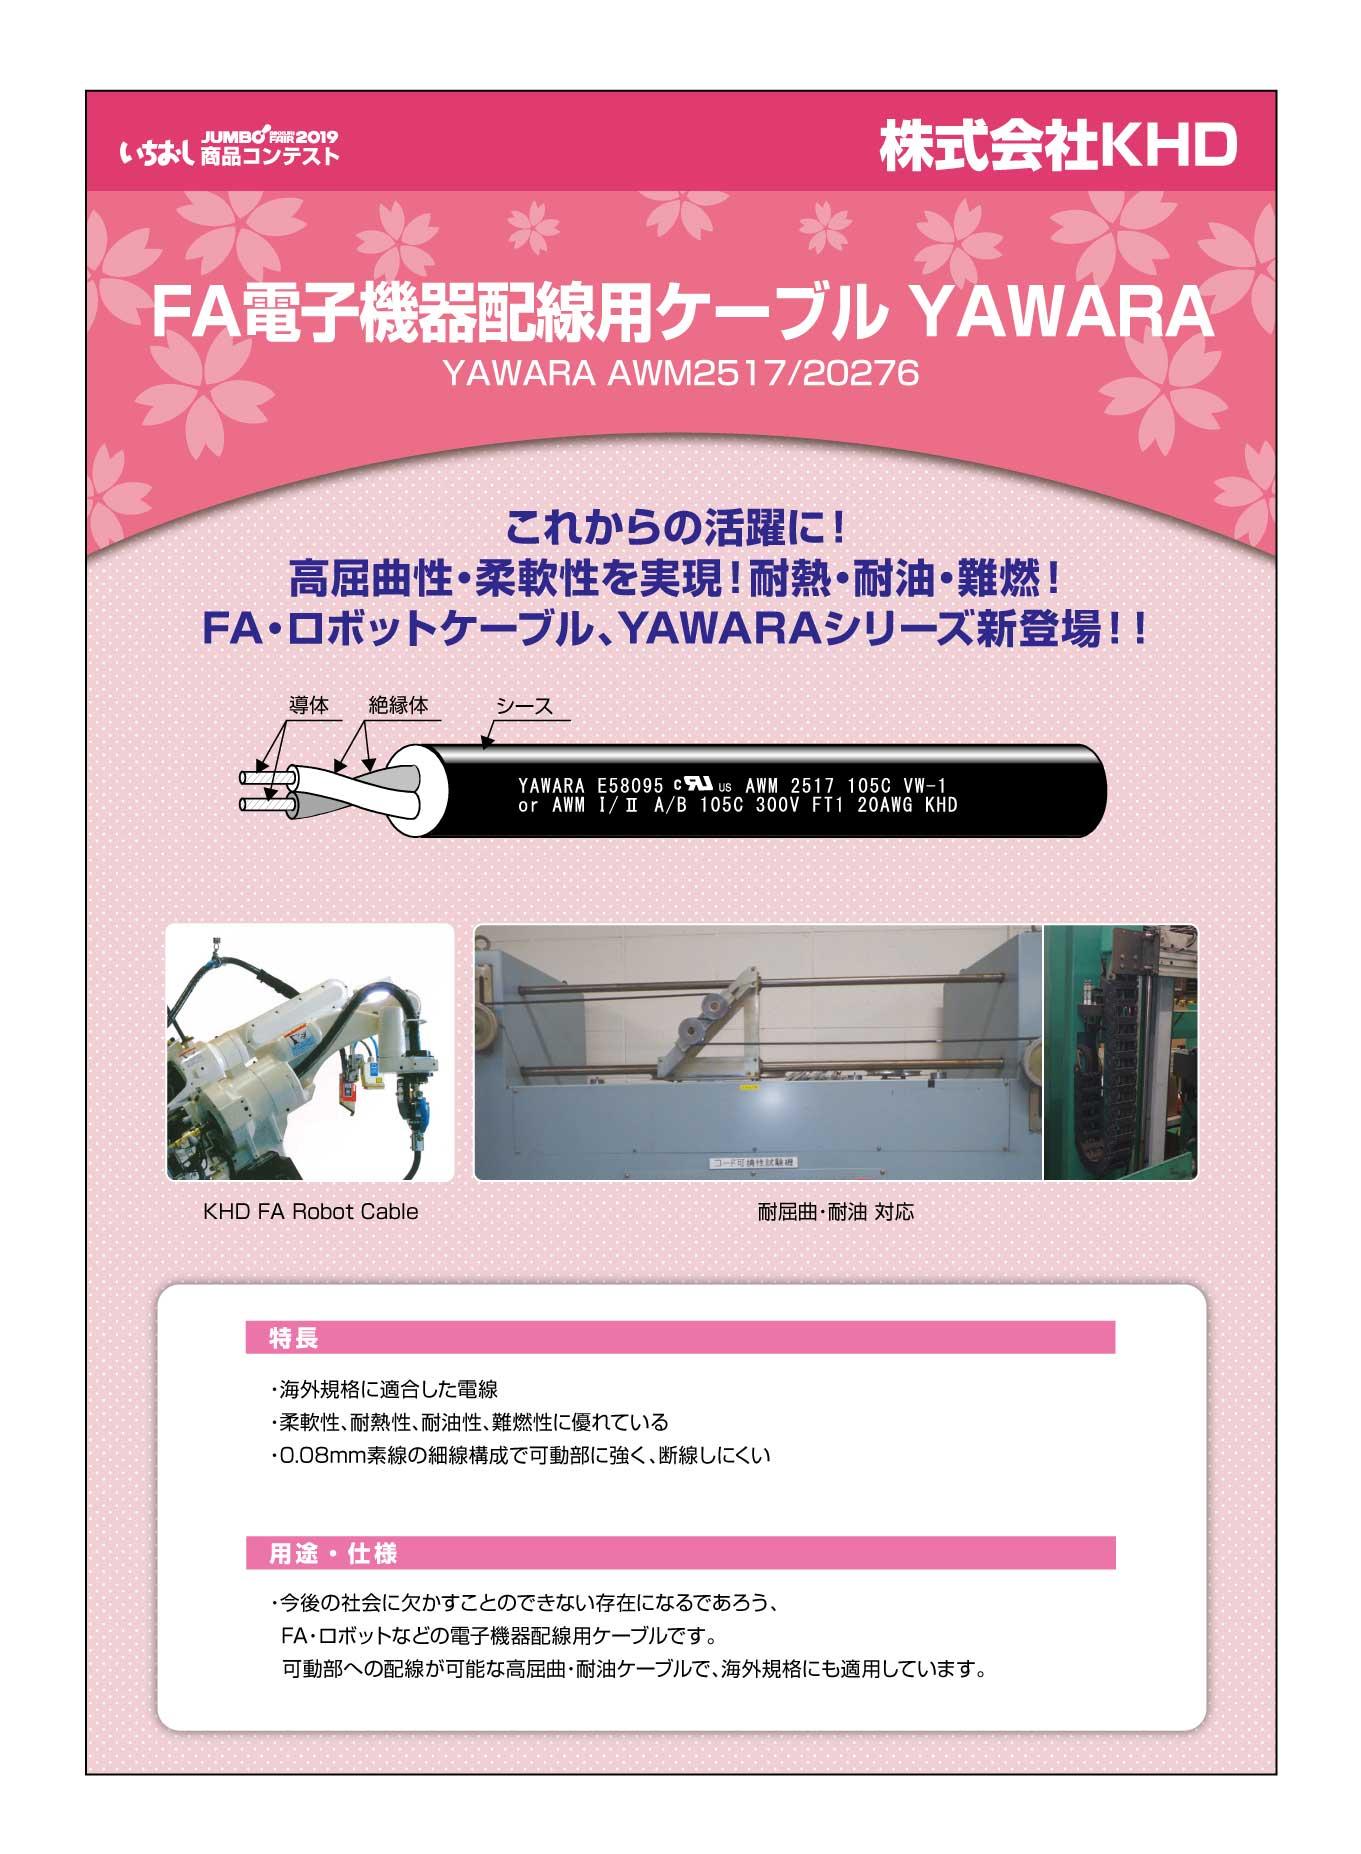 「FA電子機器配線用ケーブル YAWARA」株式会社KHDの画像